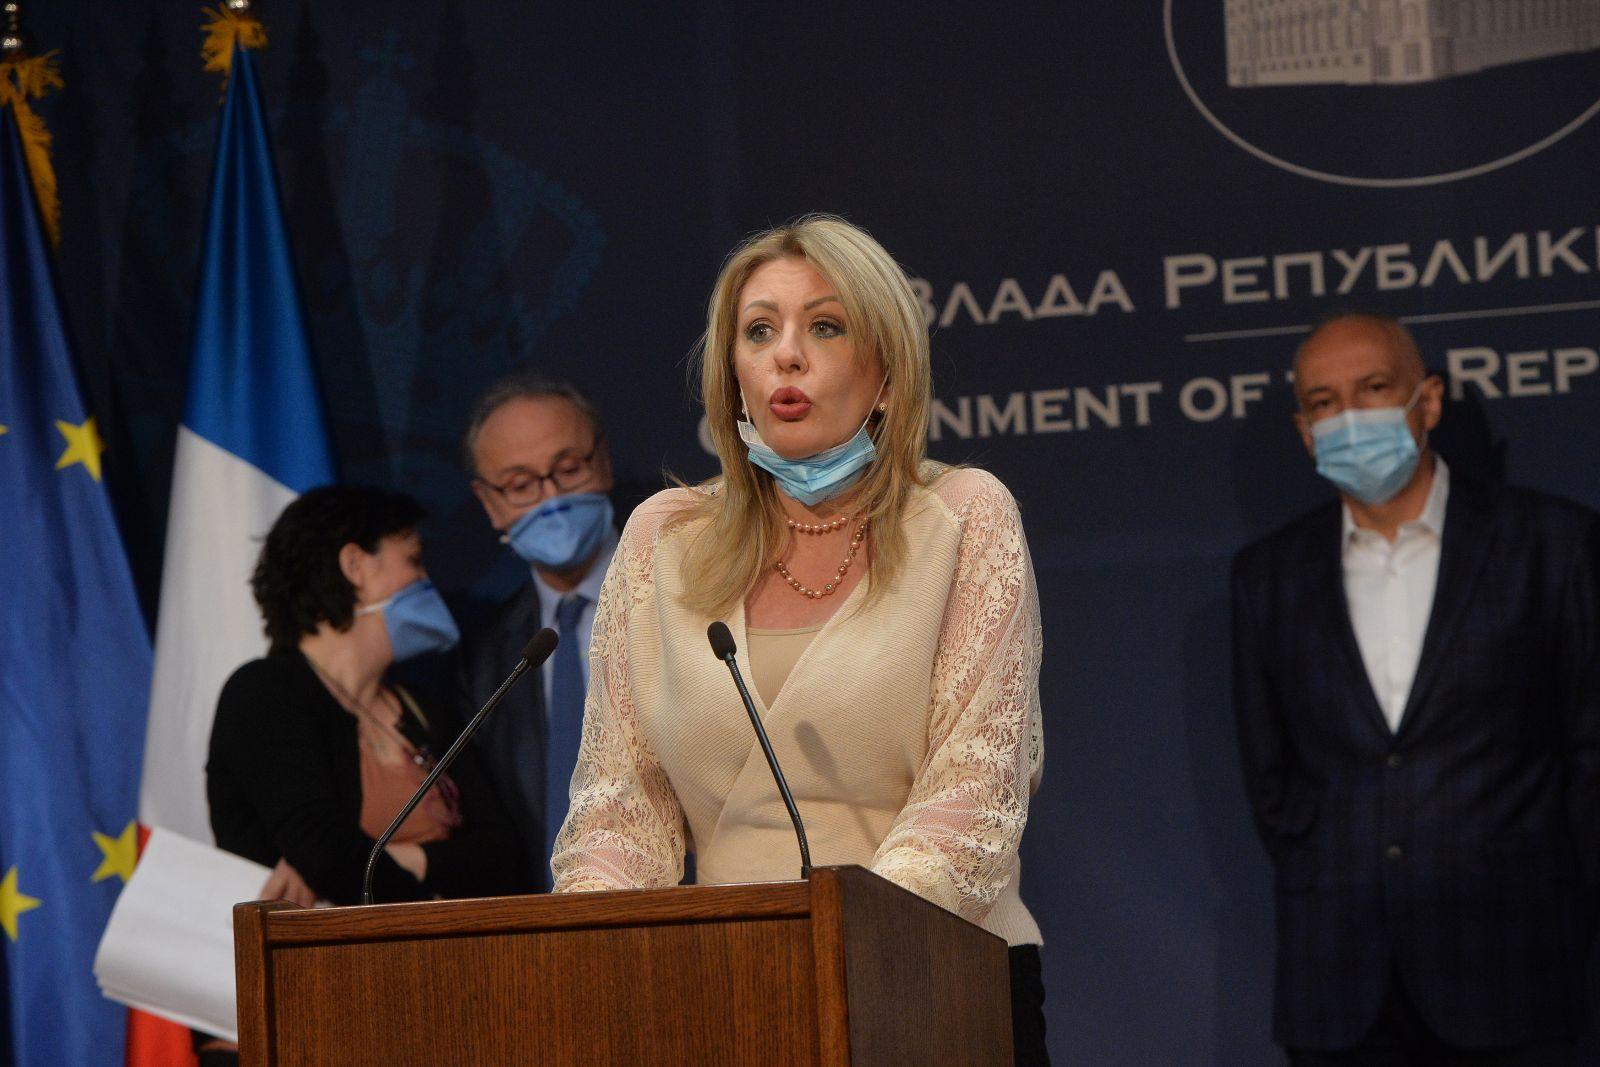 Ј. Јоксимовић: Развојна сарадња са Француском у стратешким областима